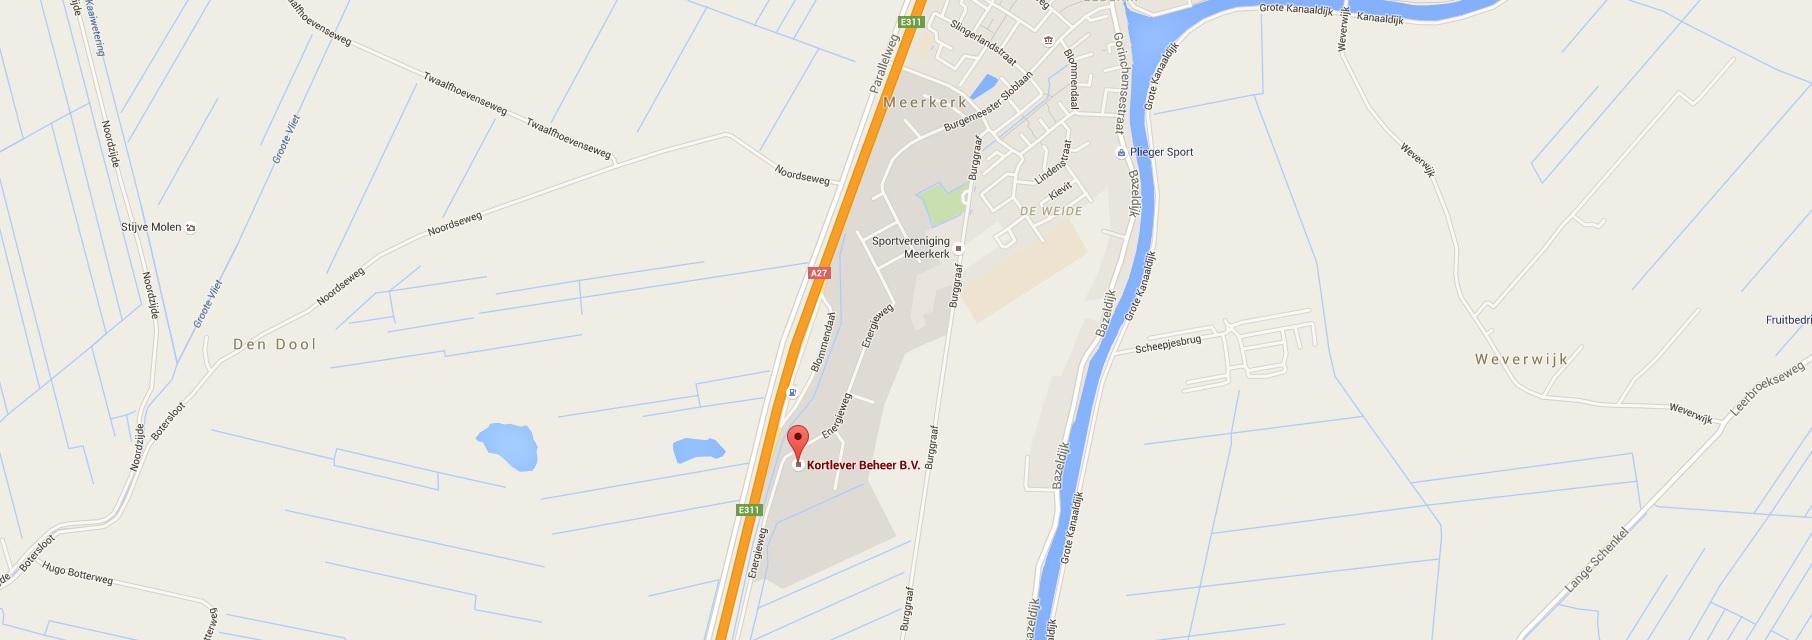 Map Meerkerk Energieweg 33